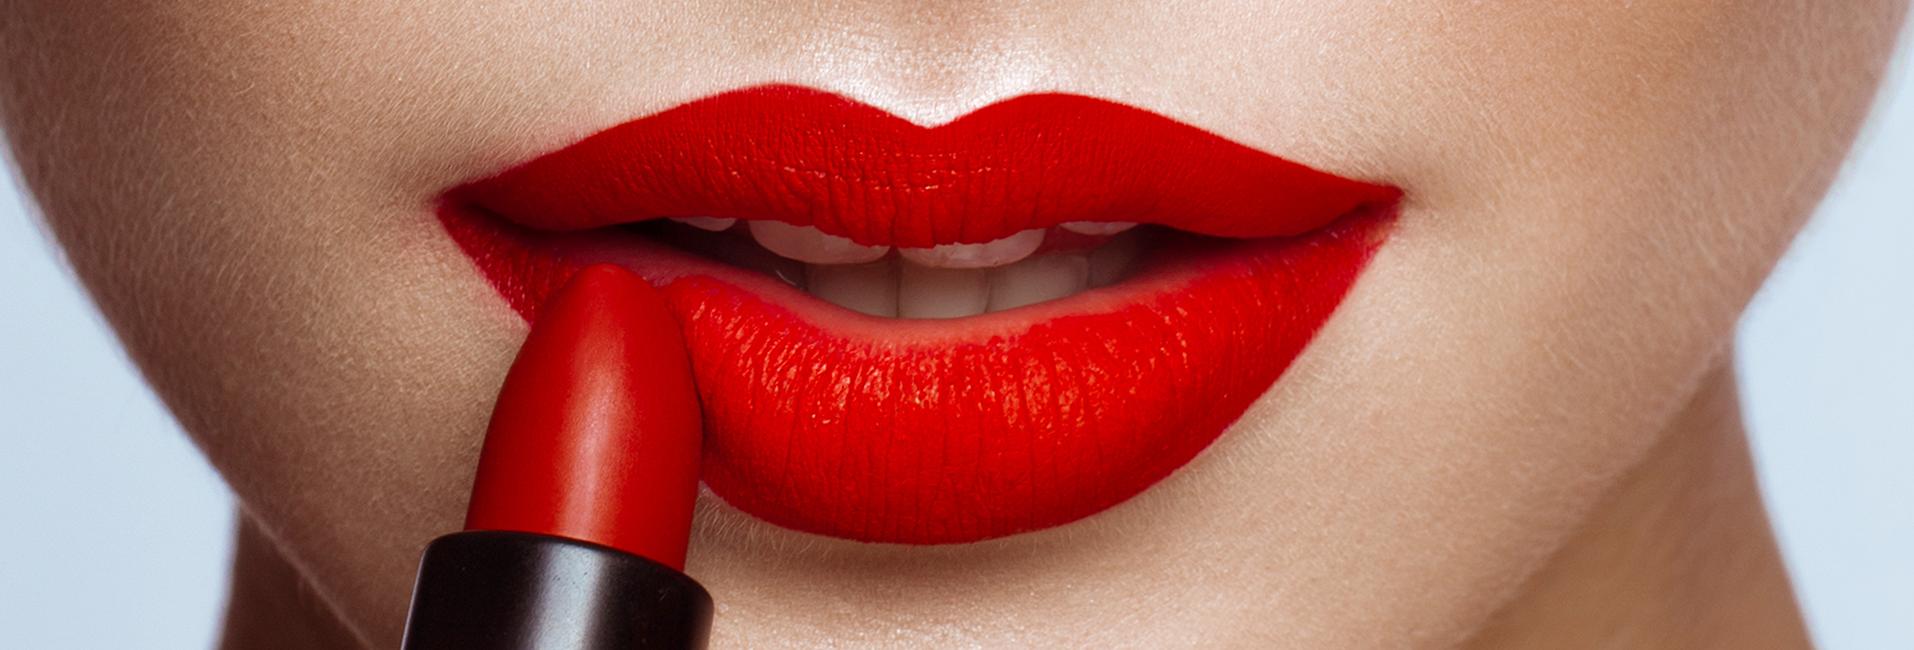 Make-up klasik: 5 savjeta za savršeno našminkane crvene usne